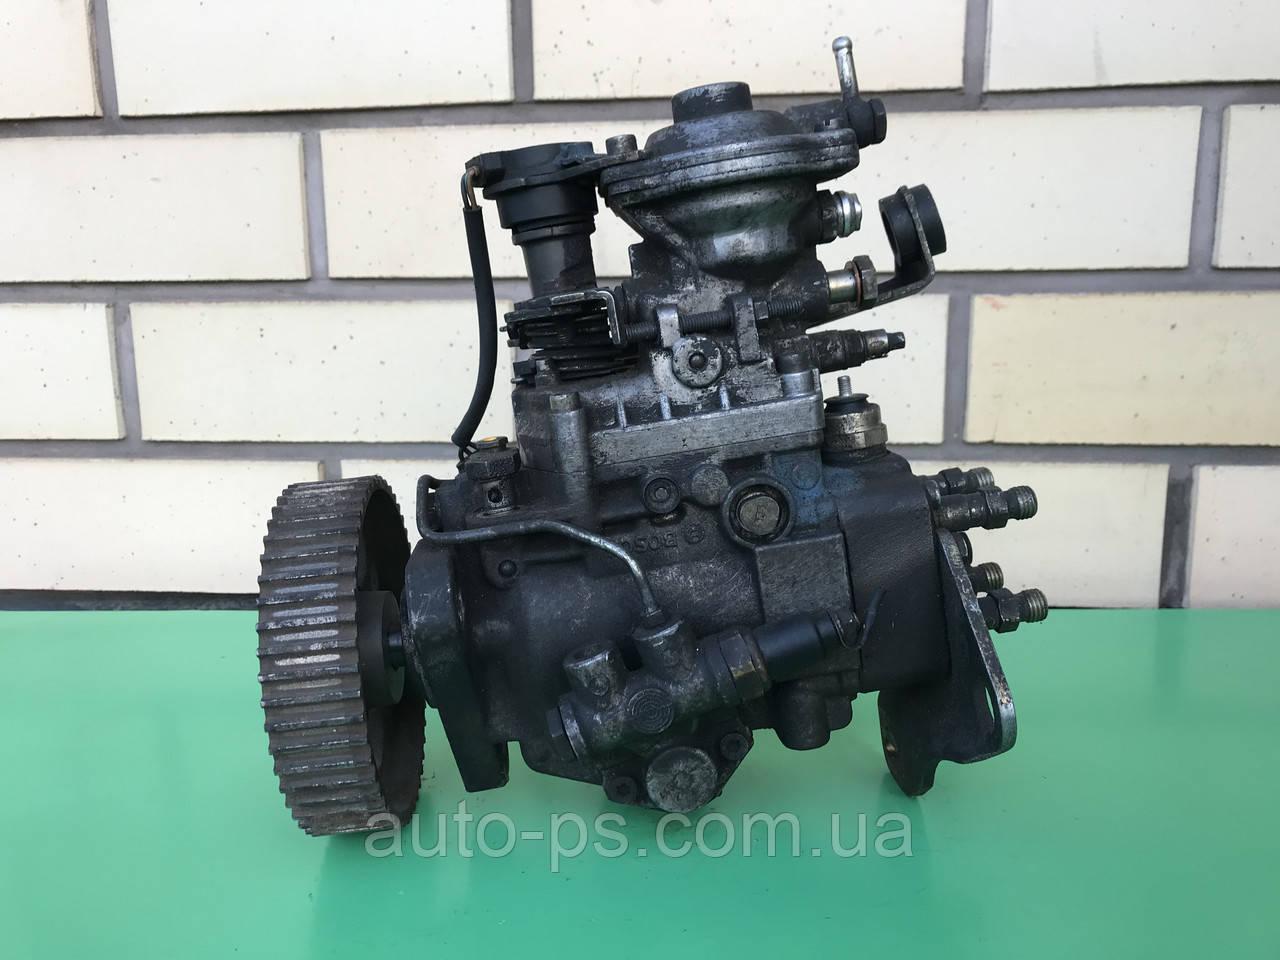 Топливный насос высокого давления (ТНВД) Fiat Palio 1.7TD 1997-2003 год.